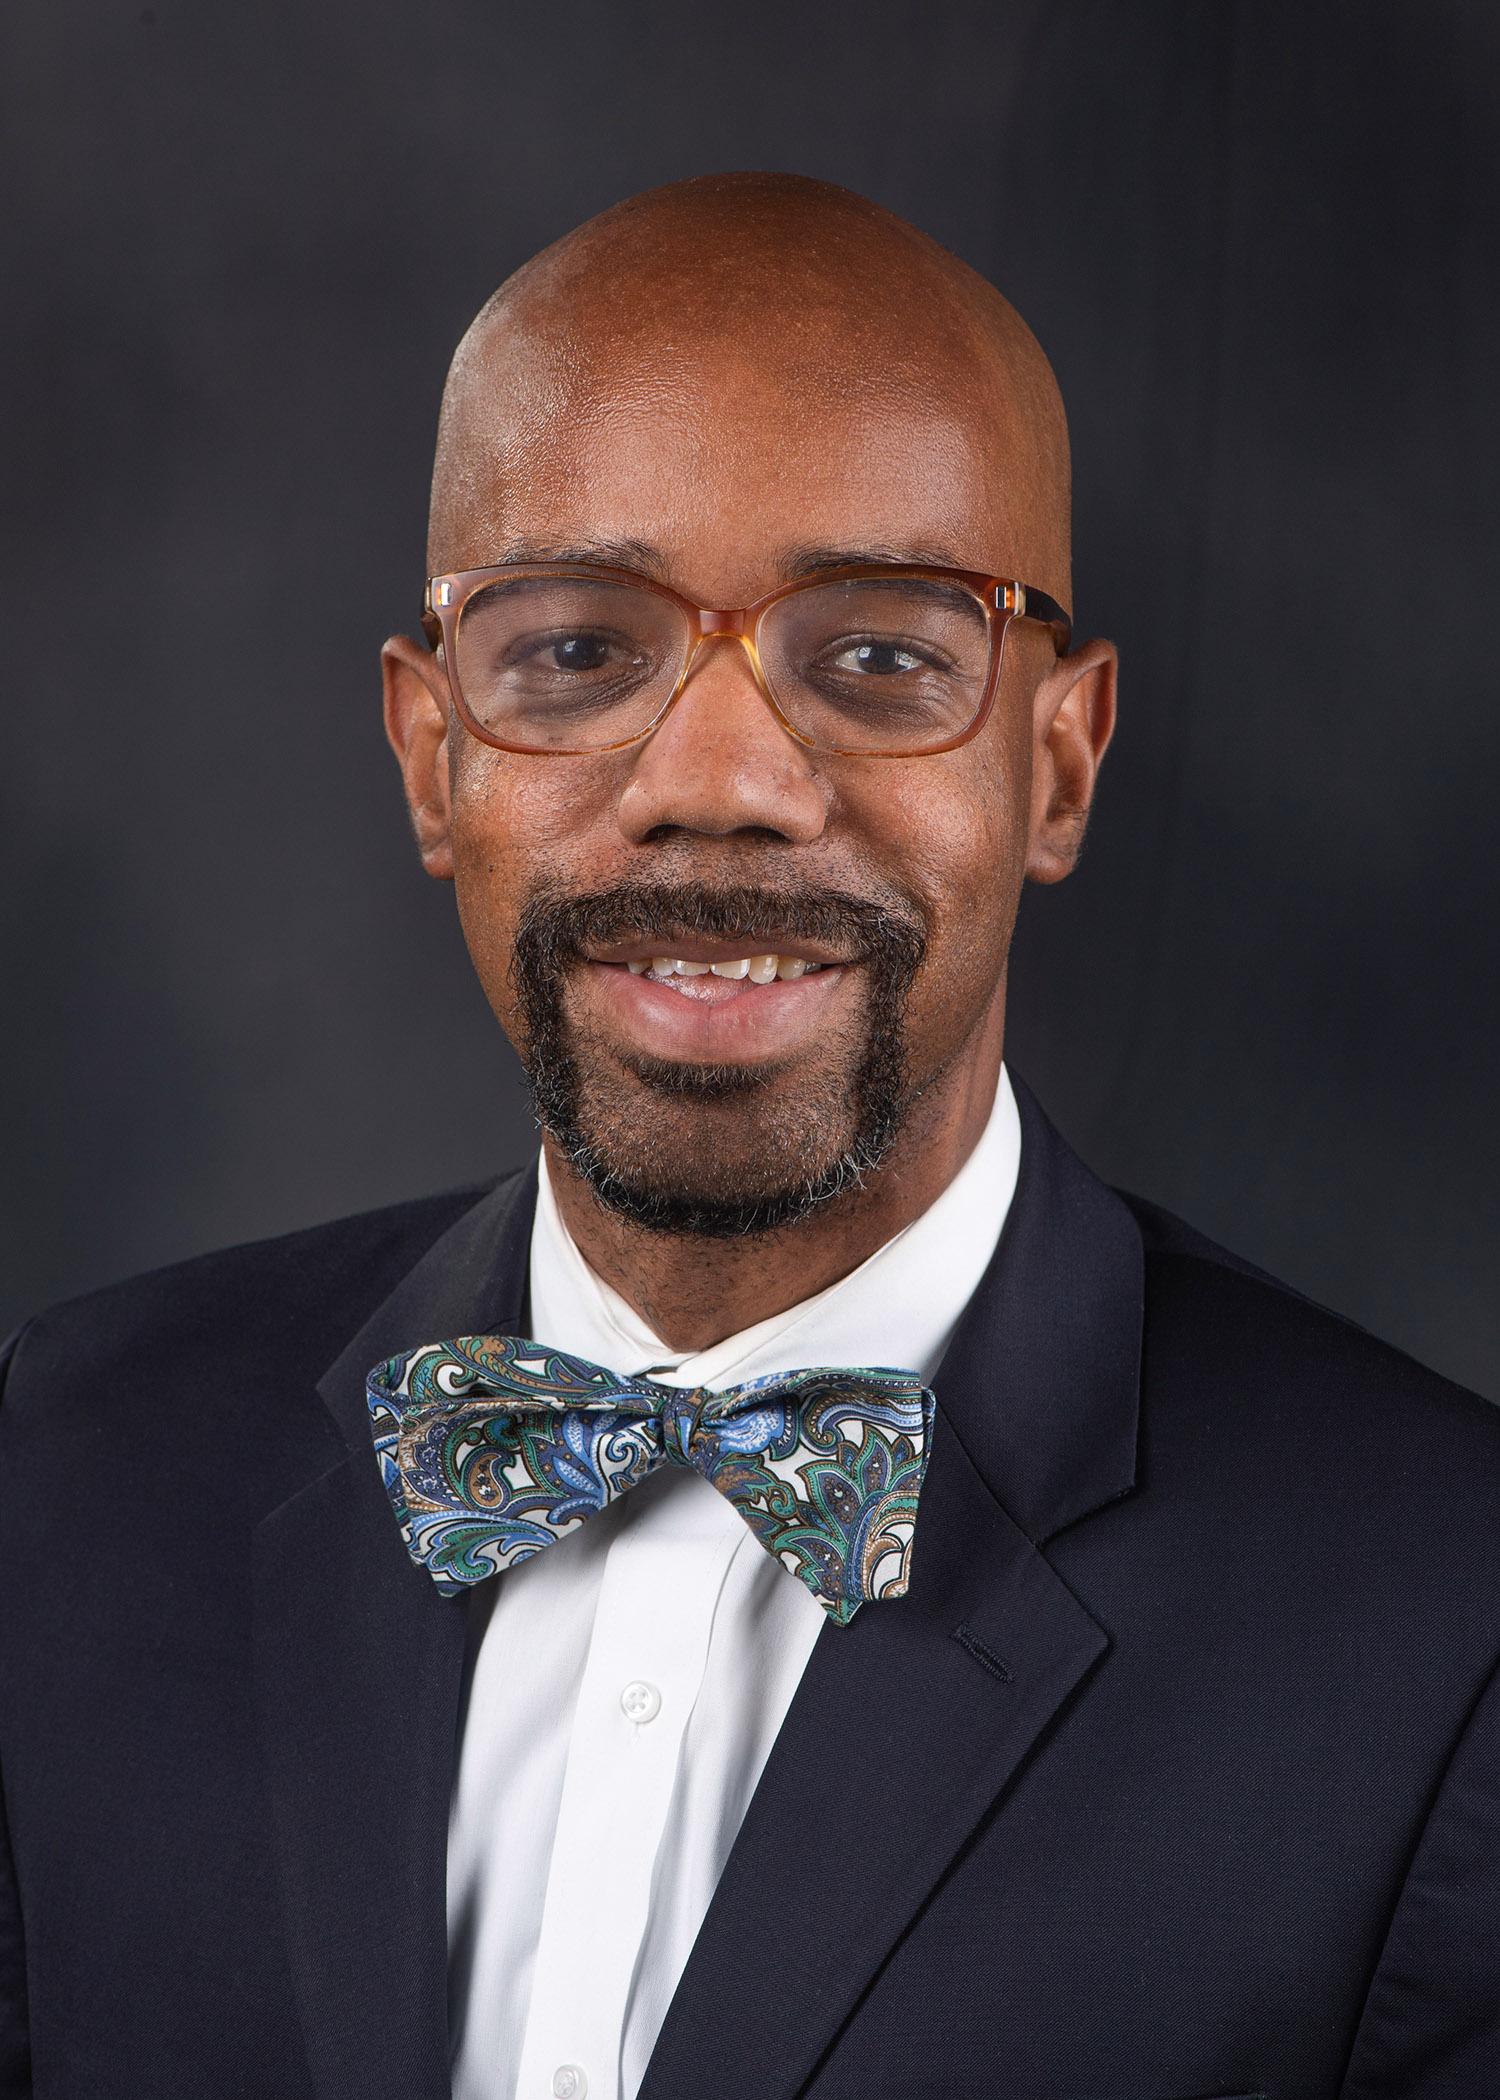 Dr. Lamar Hylton, Ph.D. Headshot